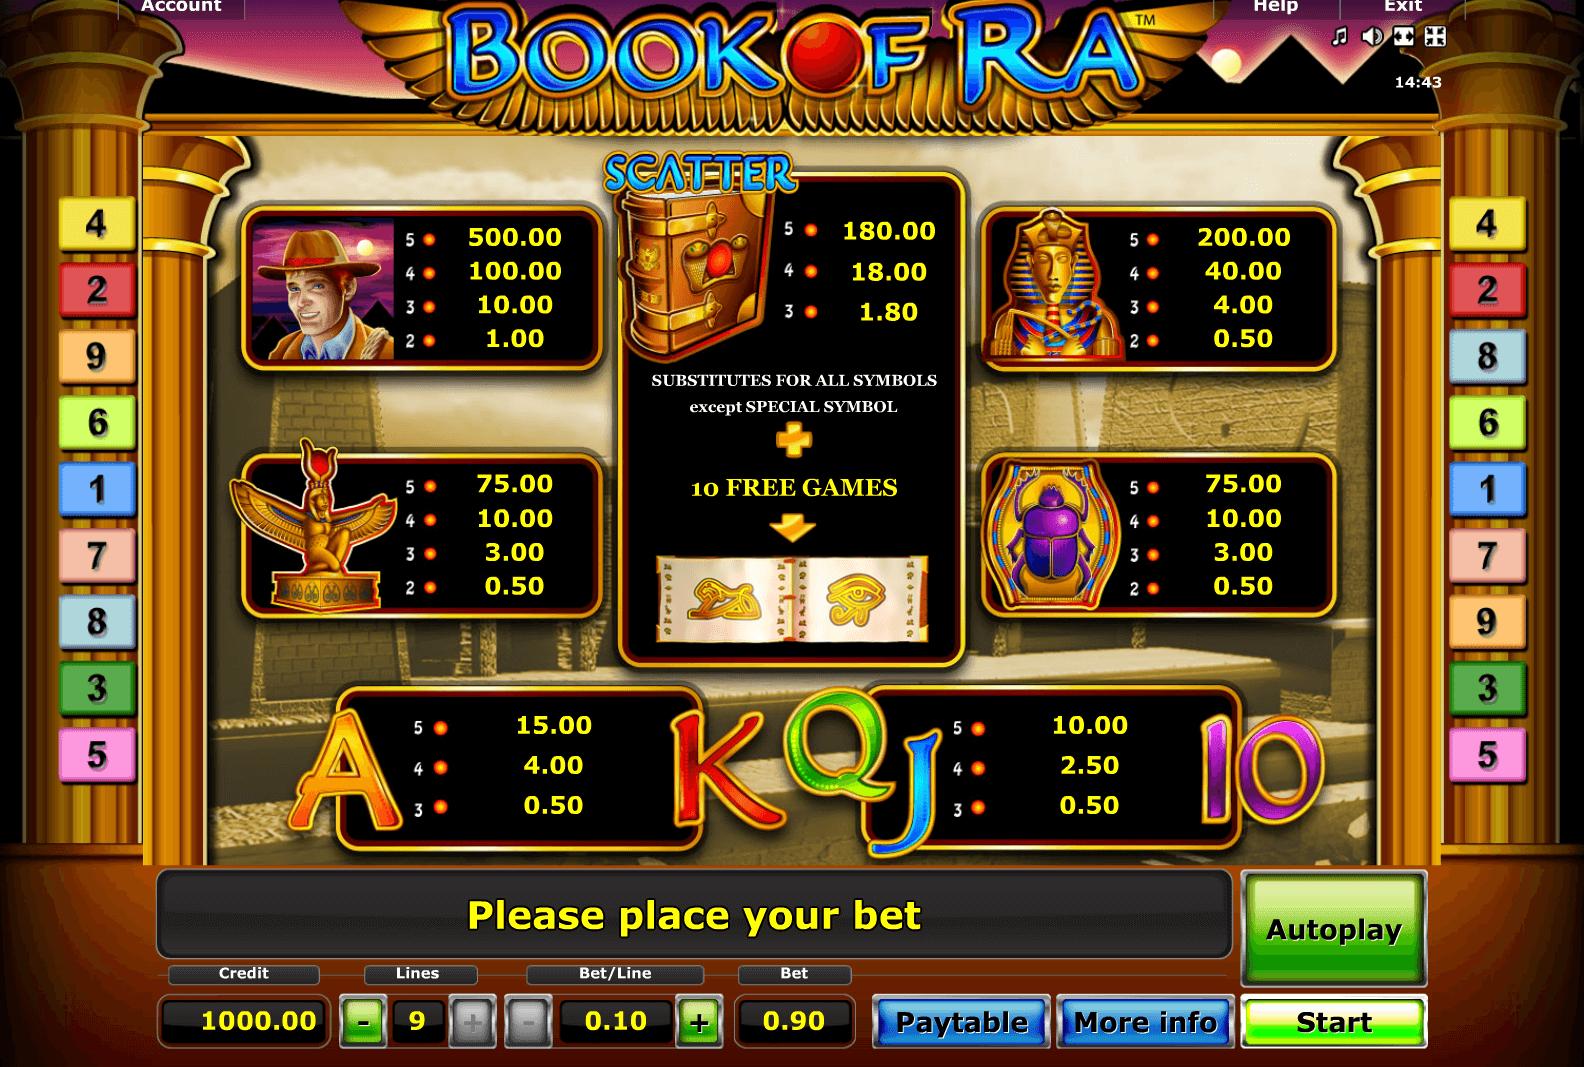 Играть в онлайн игры бесплатно без регистрации игровые автоматы книги прошивка ресивера голден стар 770